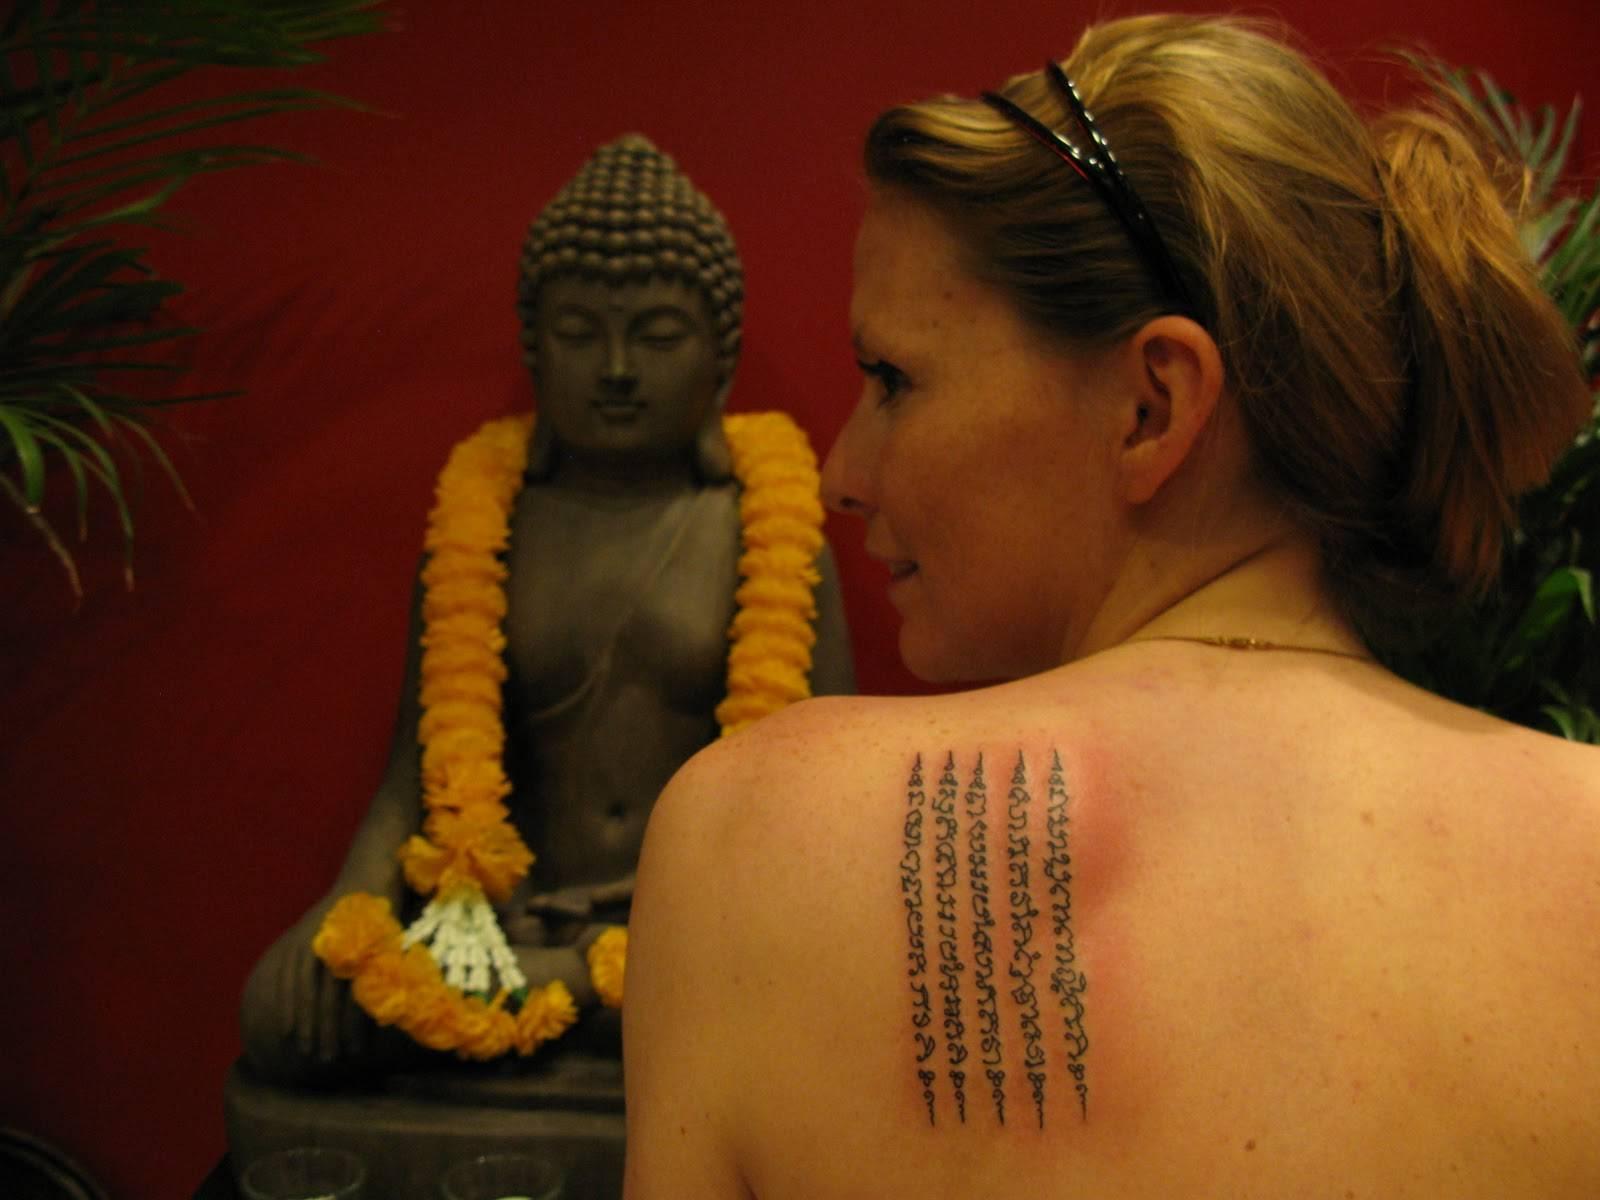 Tatuaże rytualne – historia iznaczenie